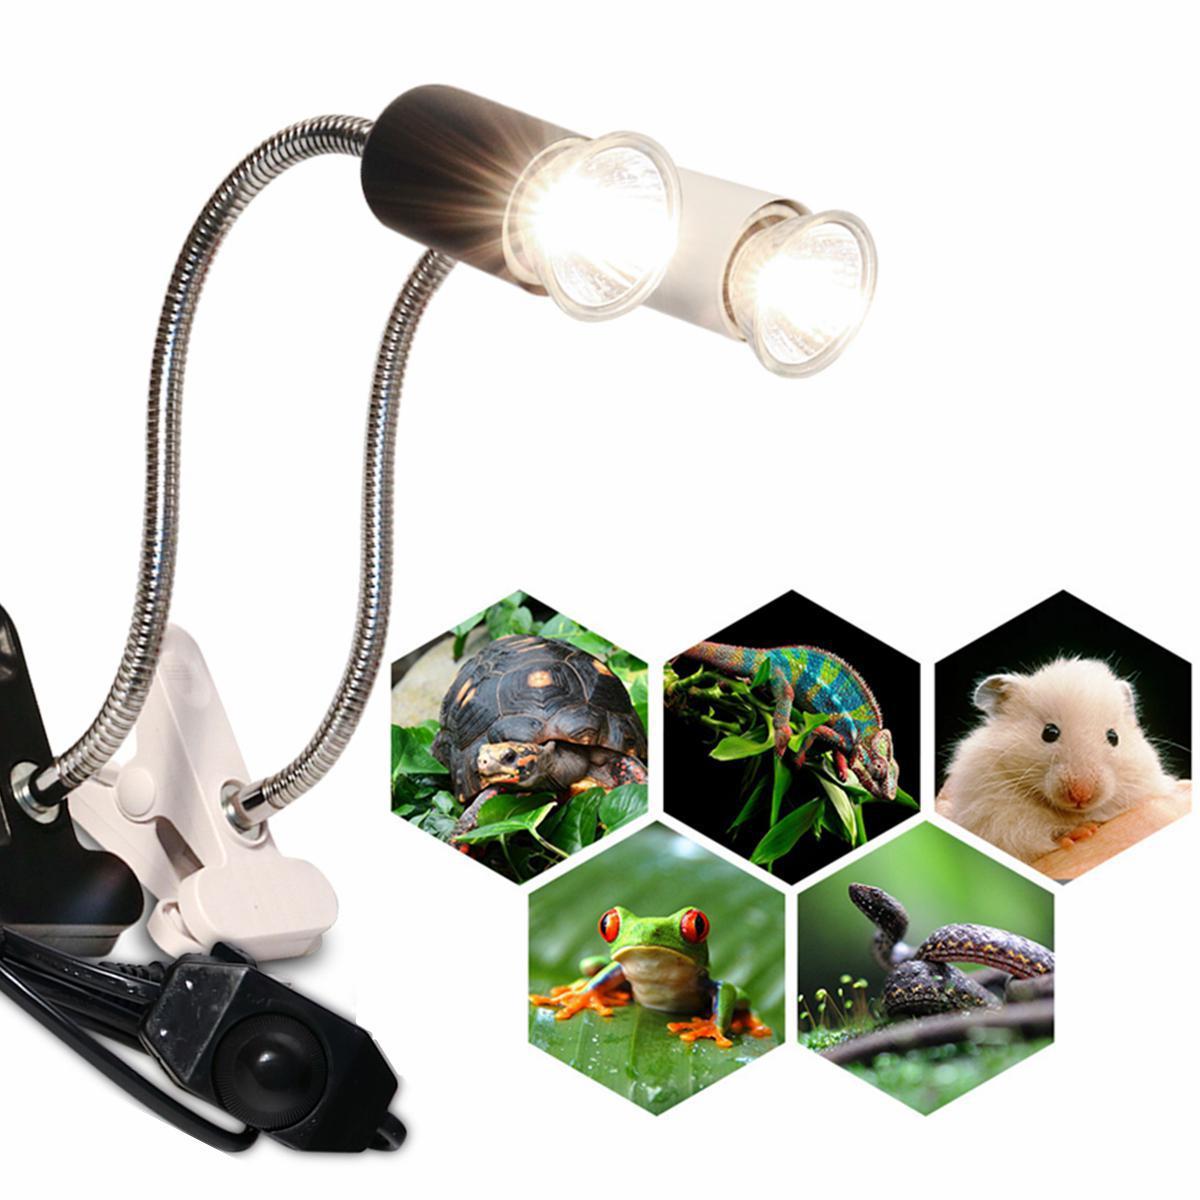 Reptile Ceramic Heat Uvb Uva Bulb Lamp Holder Aquarium